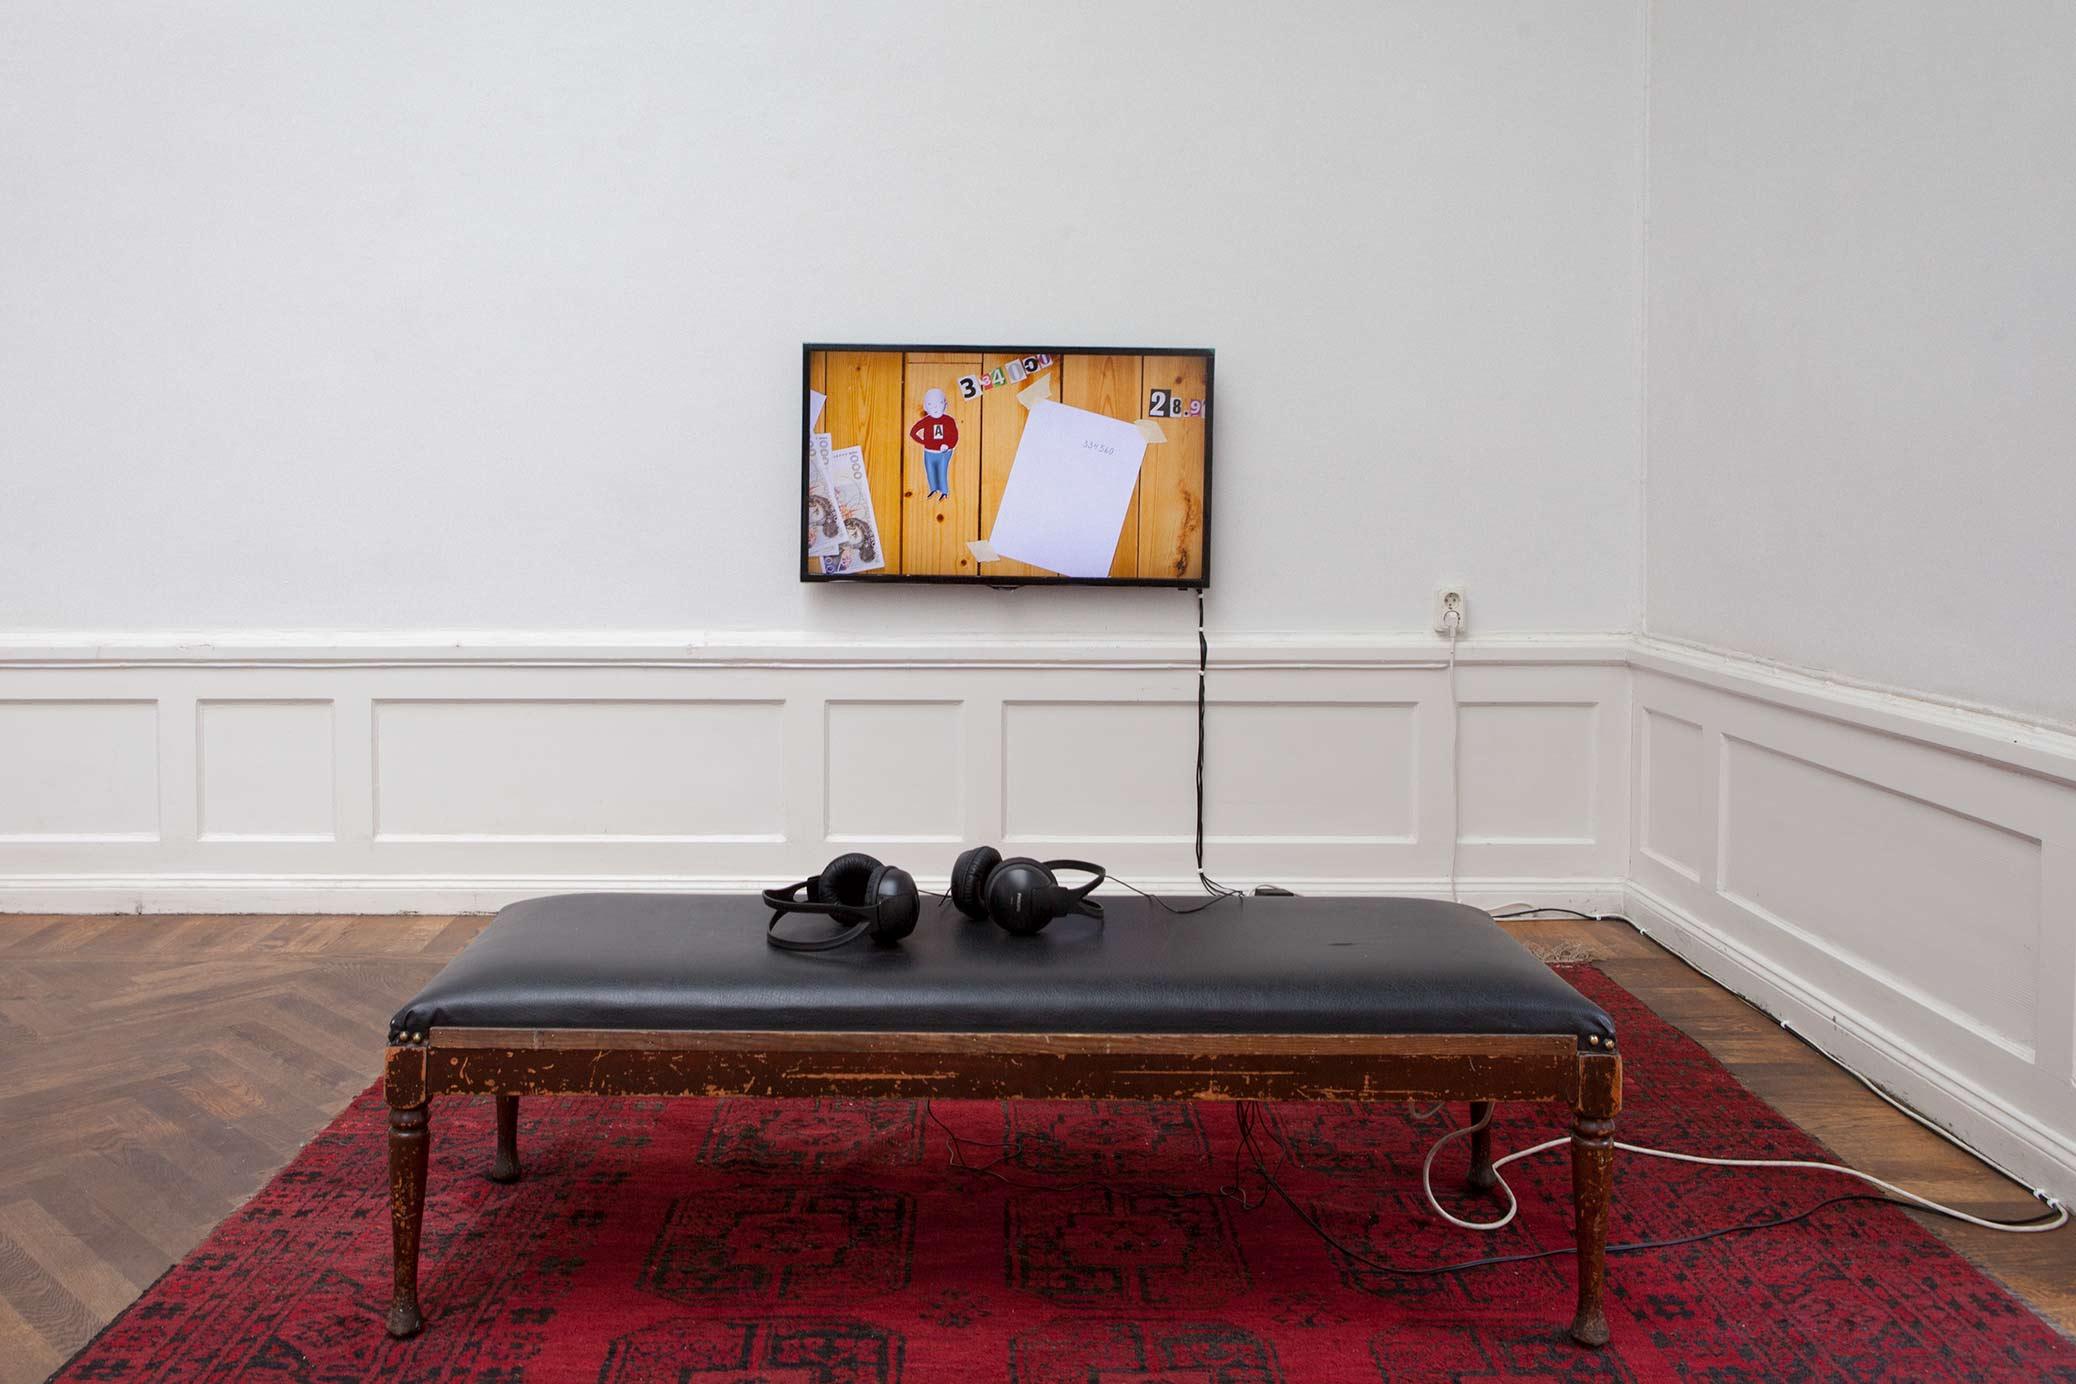 I huvudet på Björn Perborg, utställning på Konstnärshuset. Videokonstnären & pengarna, animation på väggfast monitor.